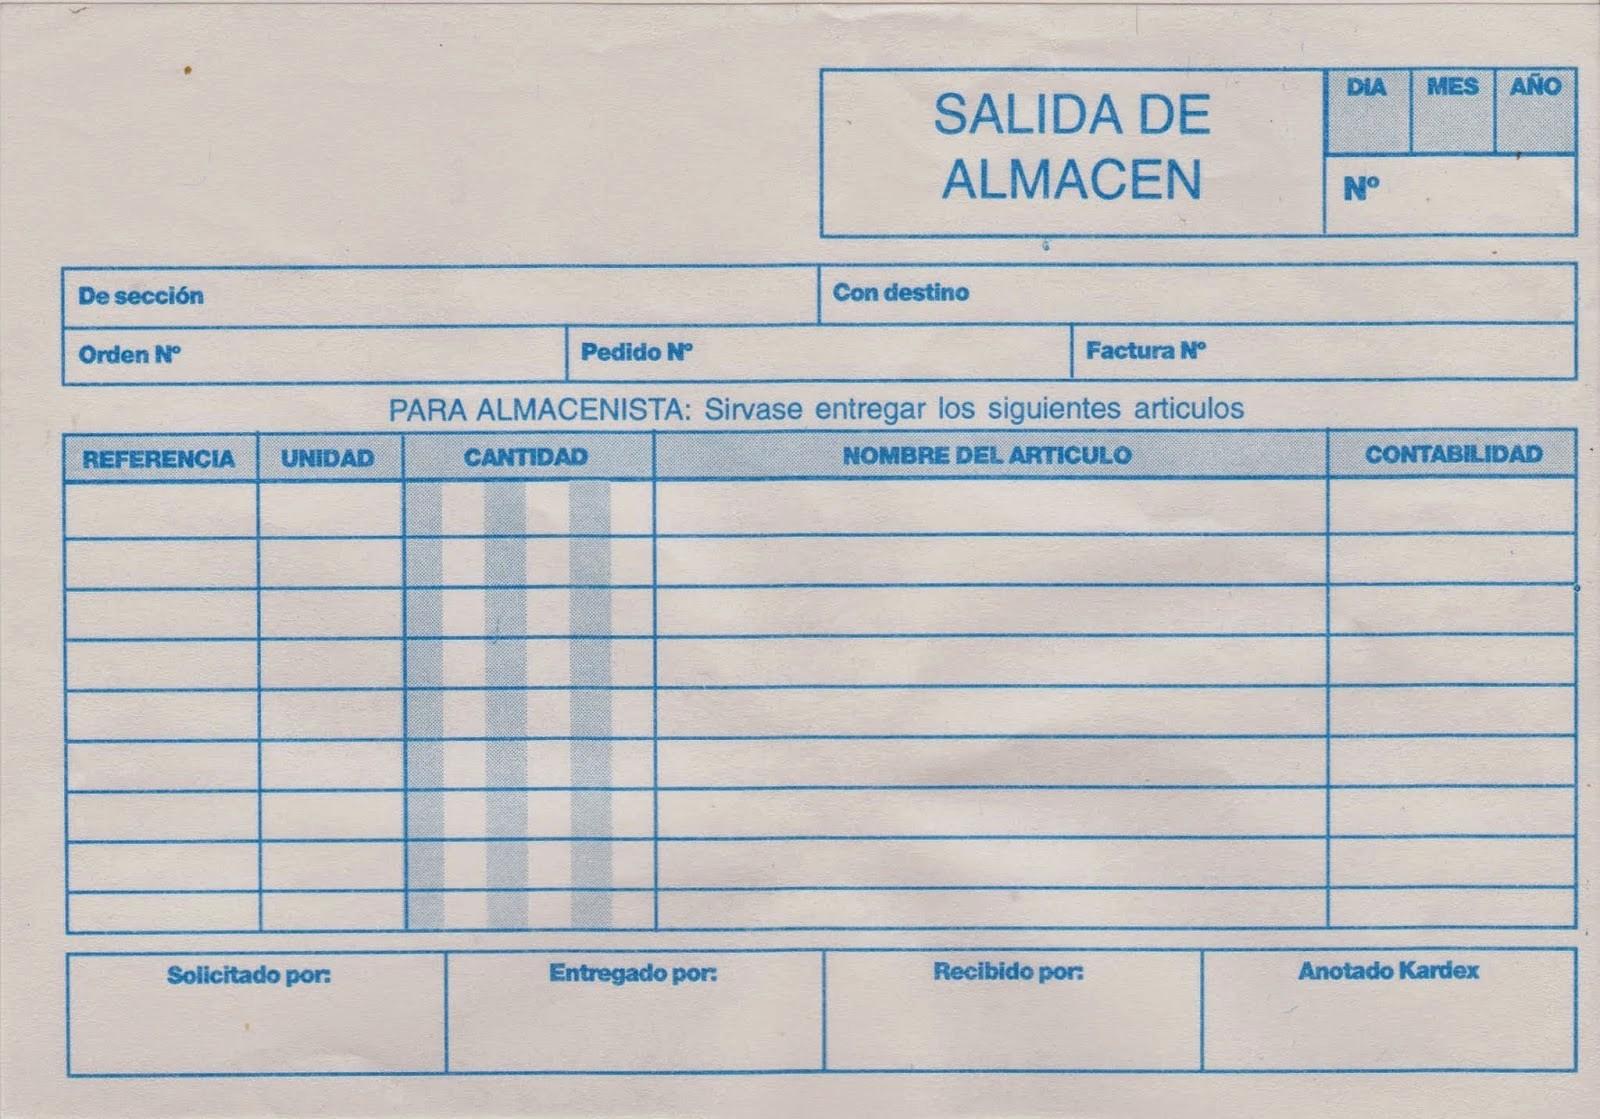 Formato Salida De Almacen Excel Best Of Recibo Y Despacho 2014 Documentos De Control